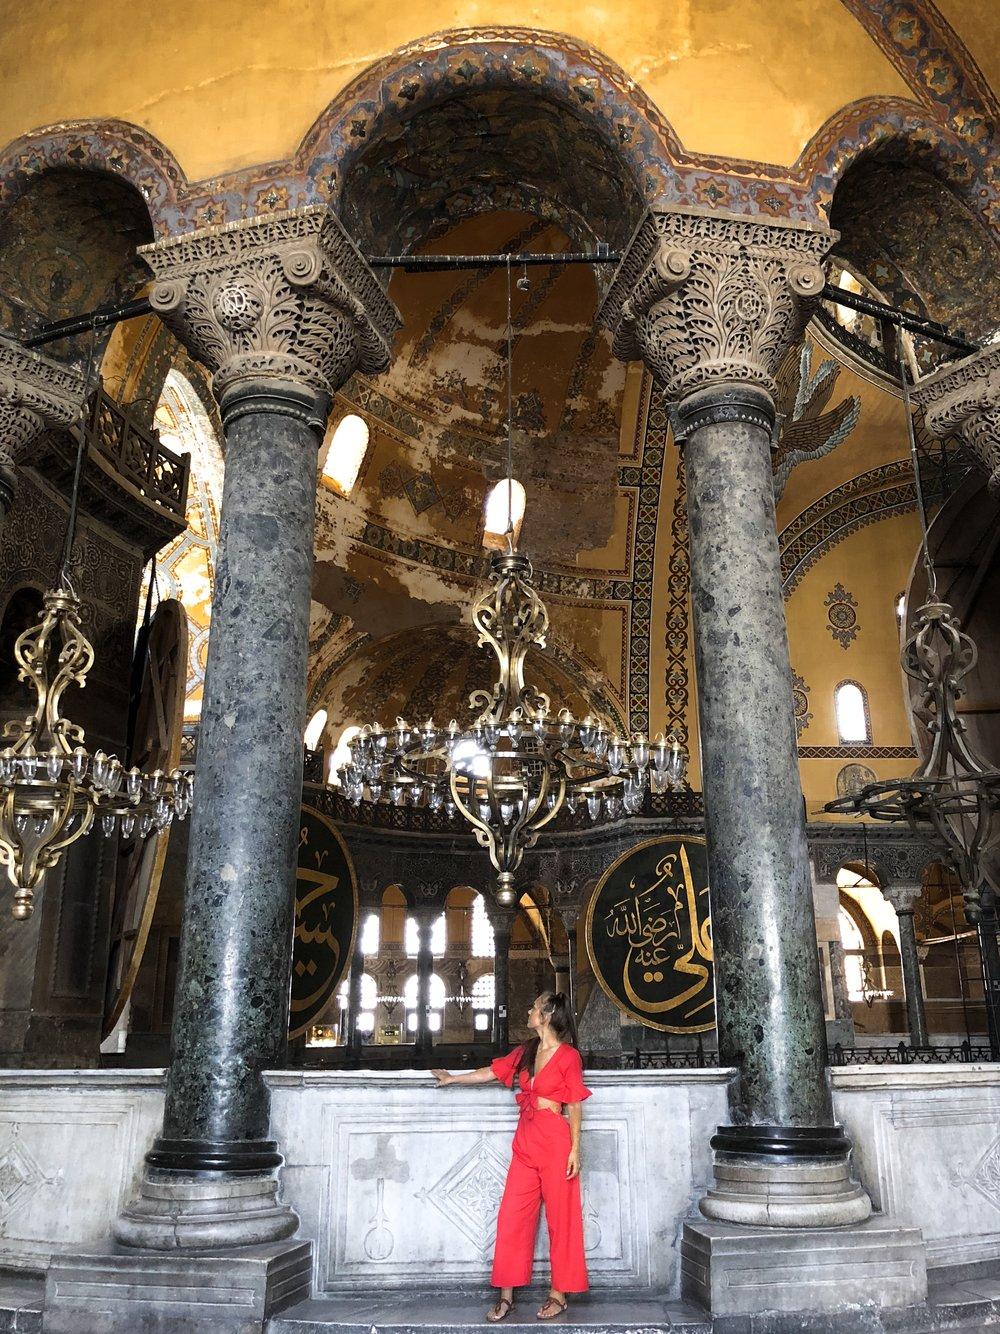 Upstairs inside Hagia Sophia